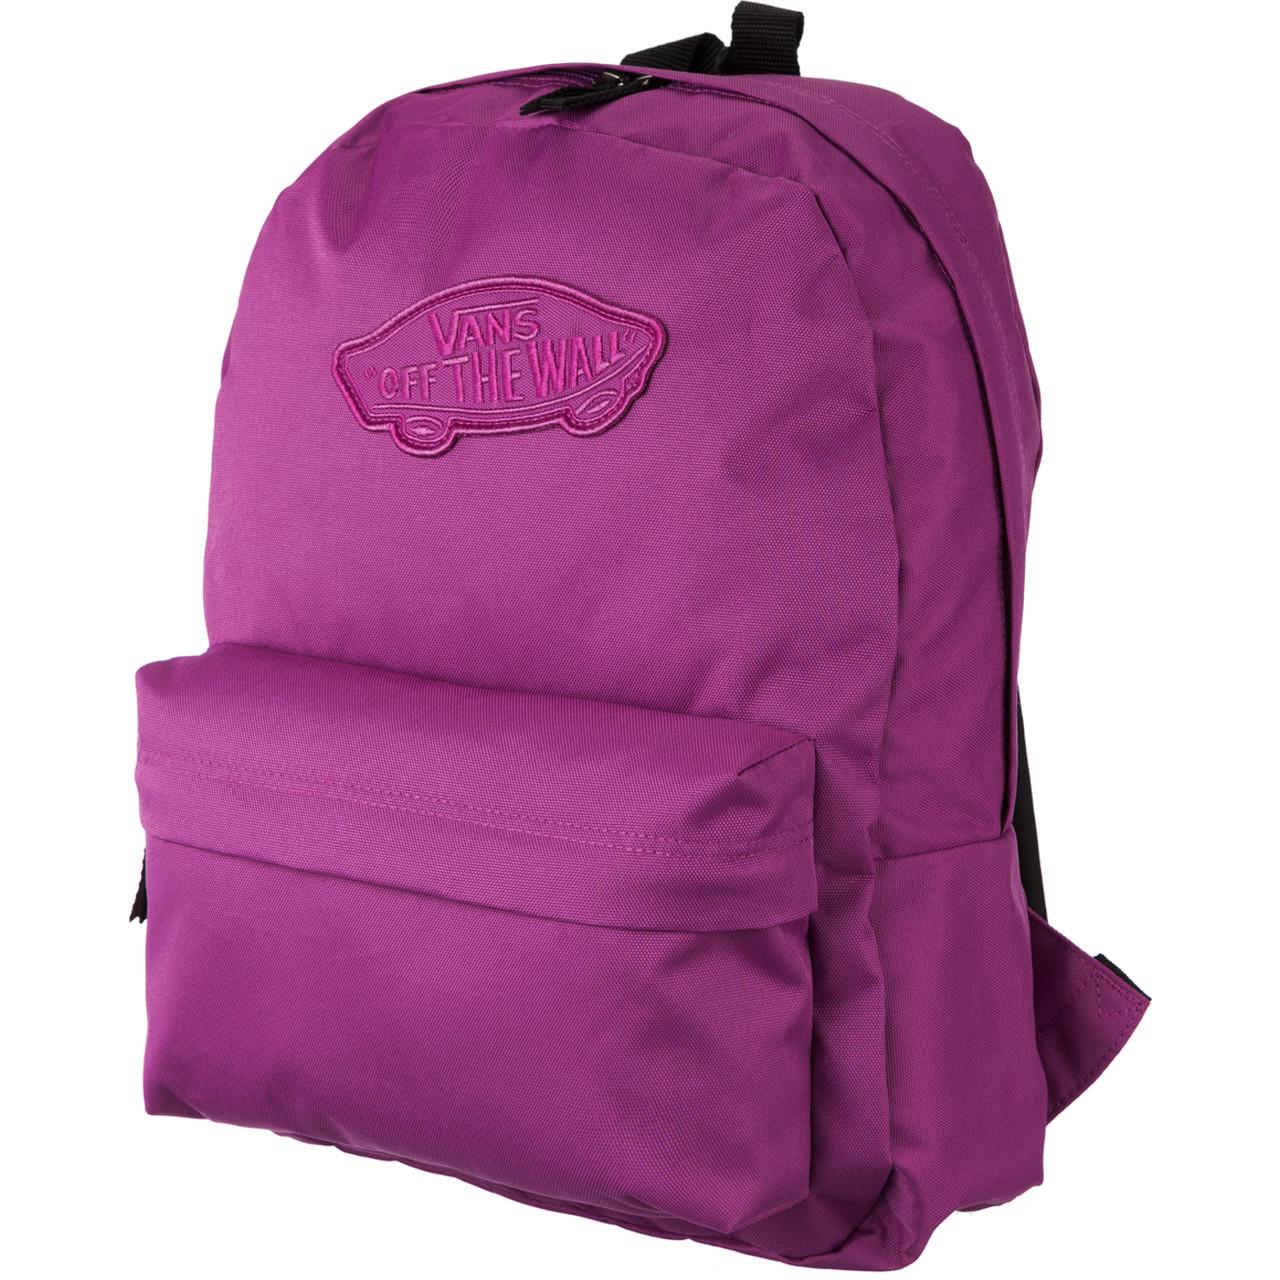 08158b0d1e994 plecak vans pojemnosc plecak vans pojemnosc,Plecak Vans Realm Bacpack Florida  Keys VNZ0J3I w ...